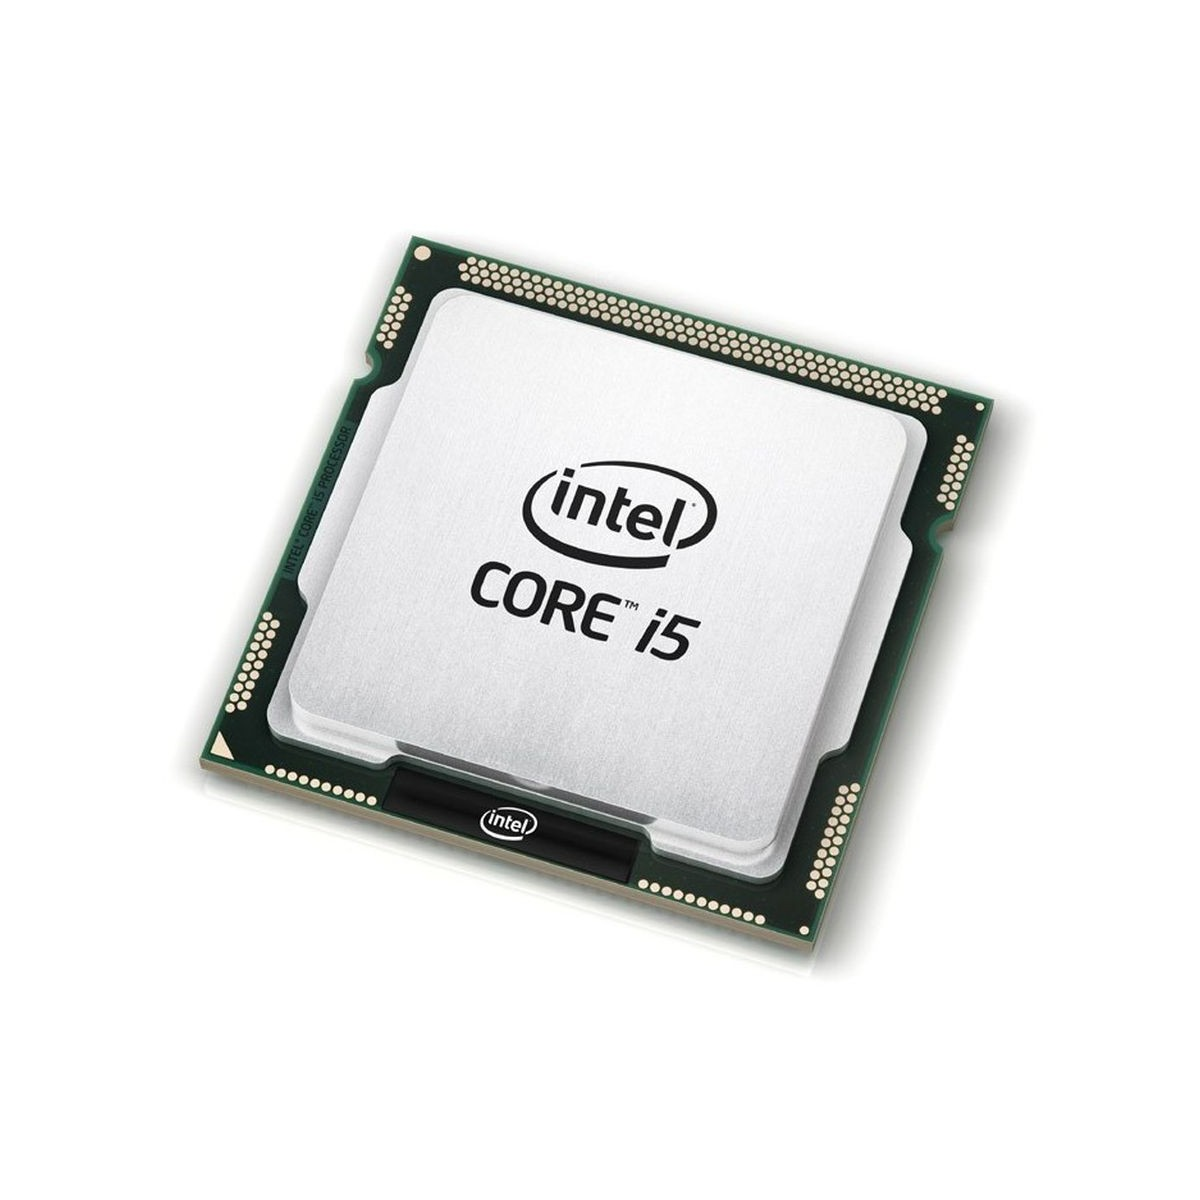 IBM x3550 M3 2.13 QC 16GB 2x300 SAS 2xPSU M5015